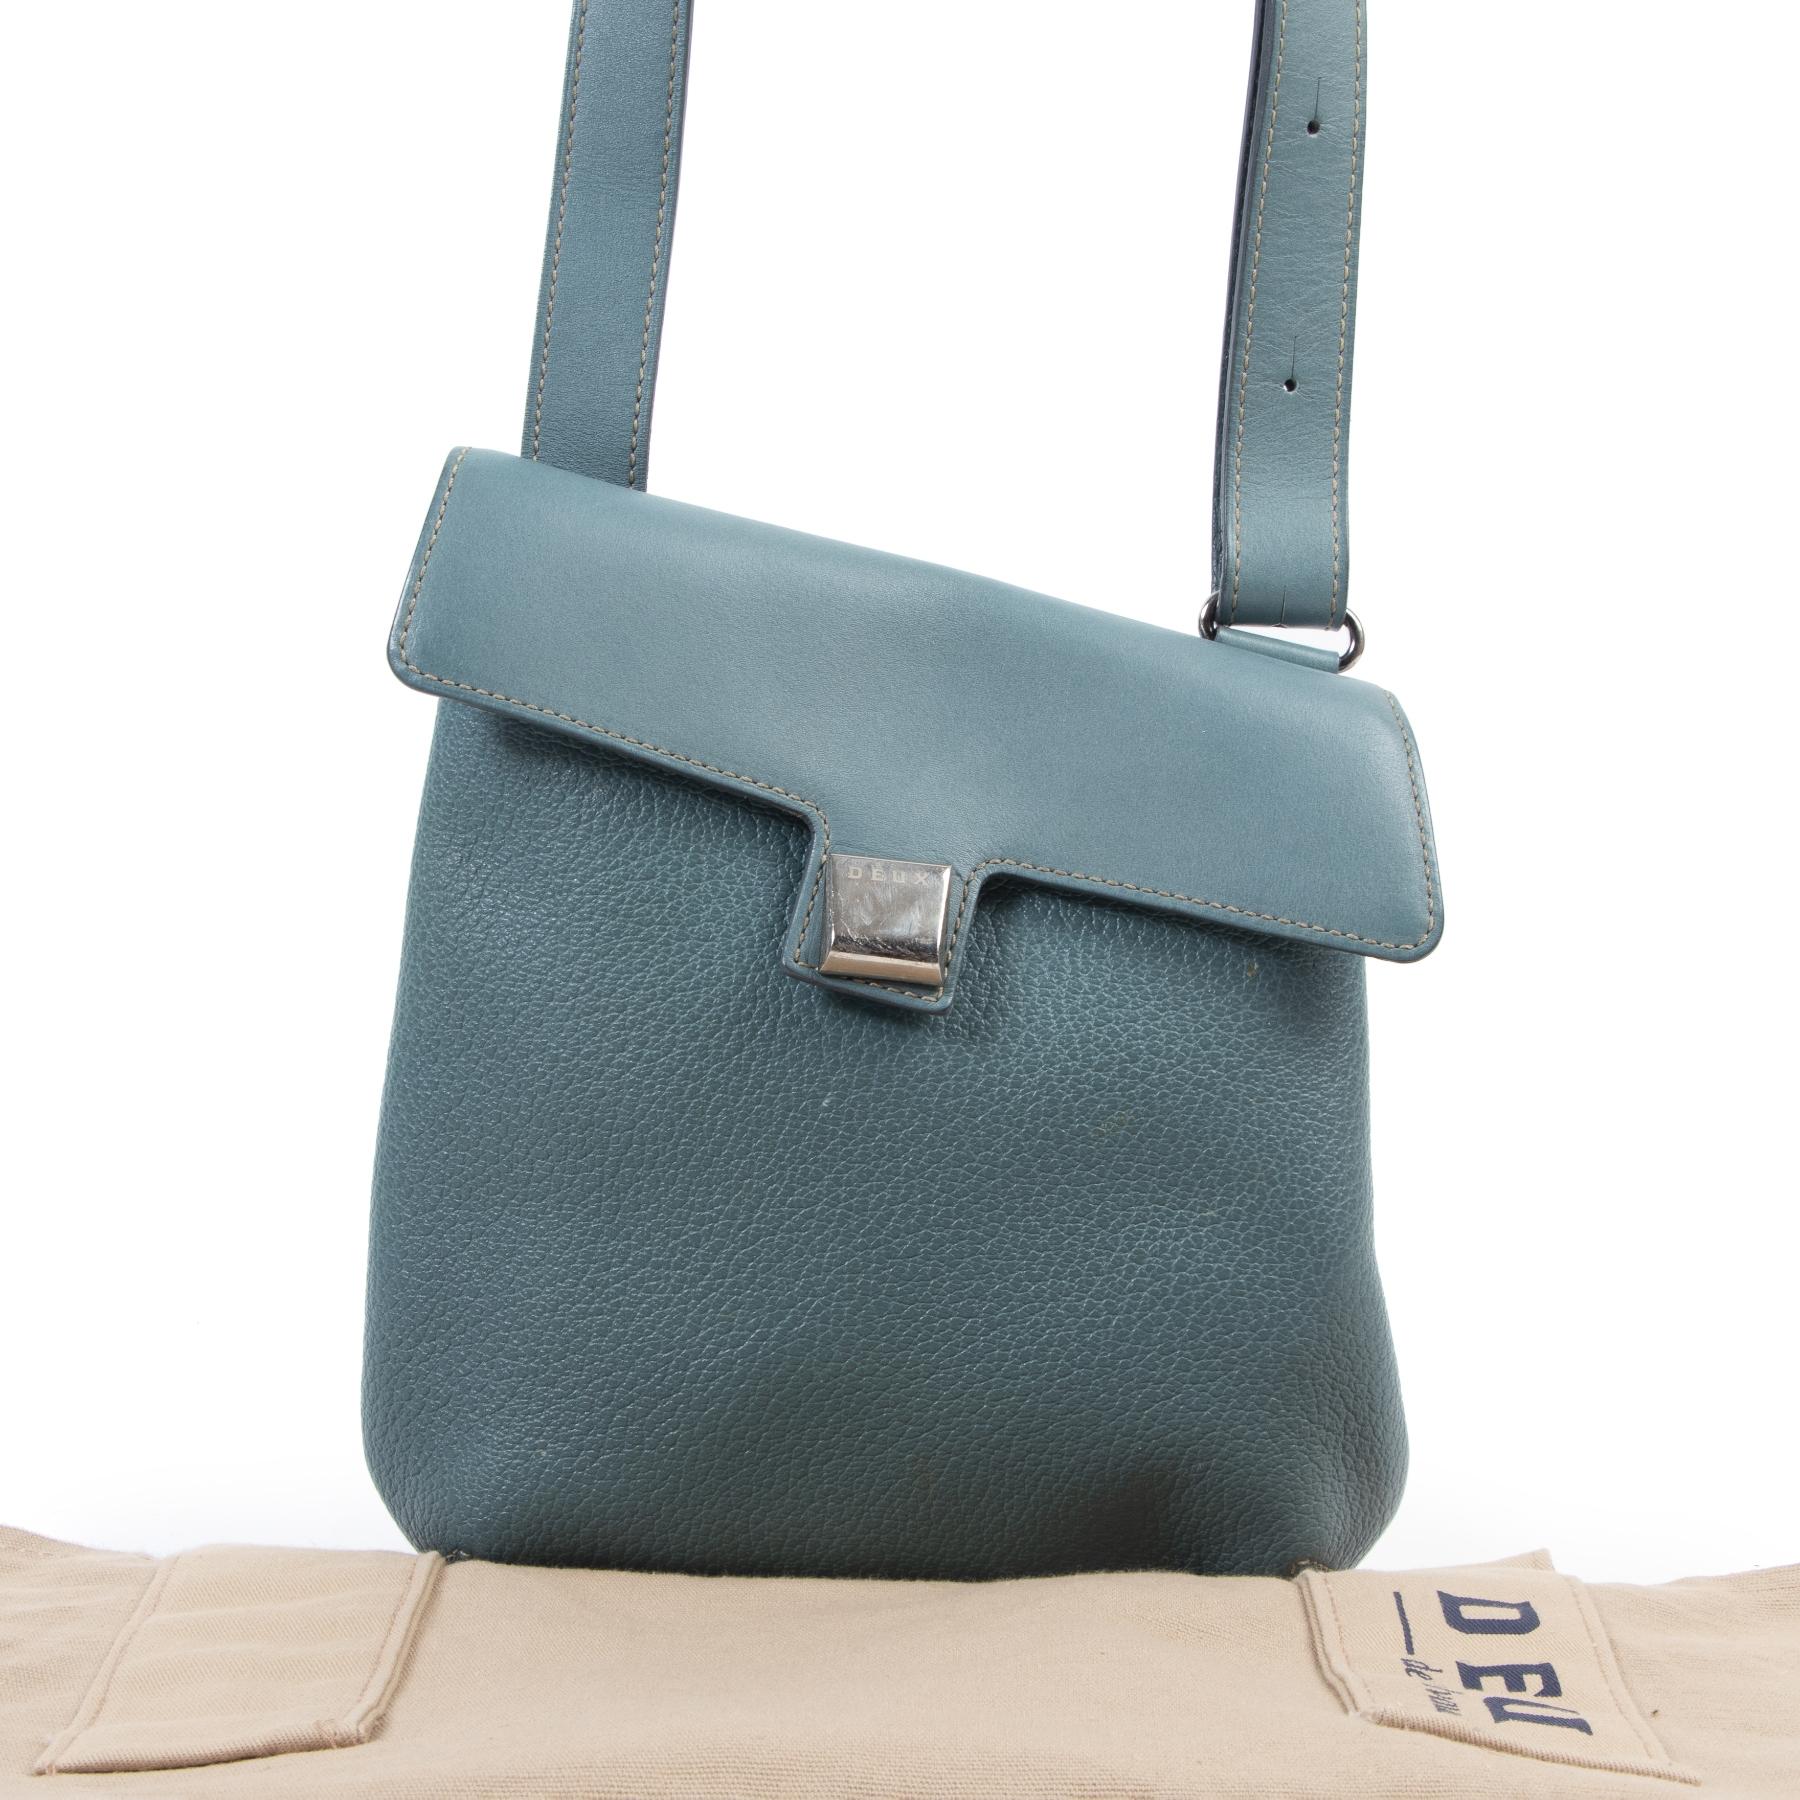 Deux de Delvaux Turquoise Crossbody Bag bij Labellov tweedehands luxe in Antwerpen België